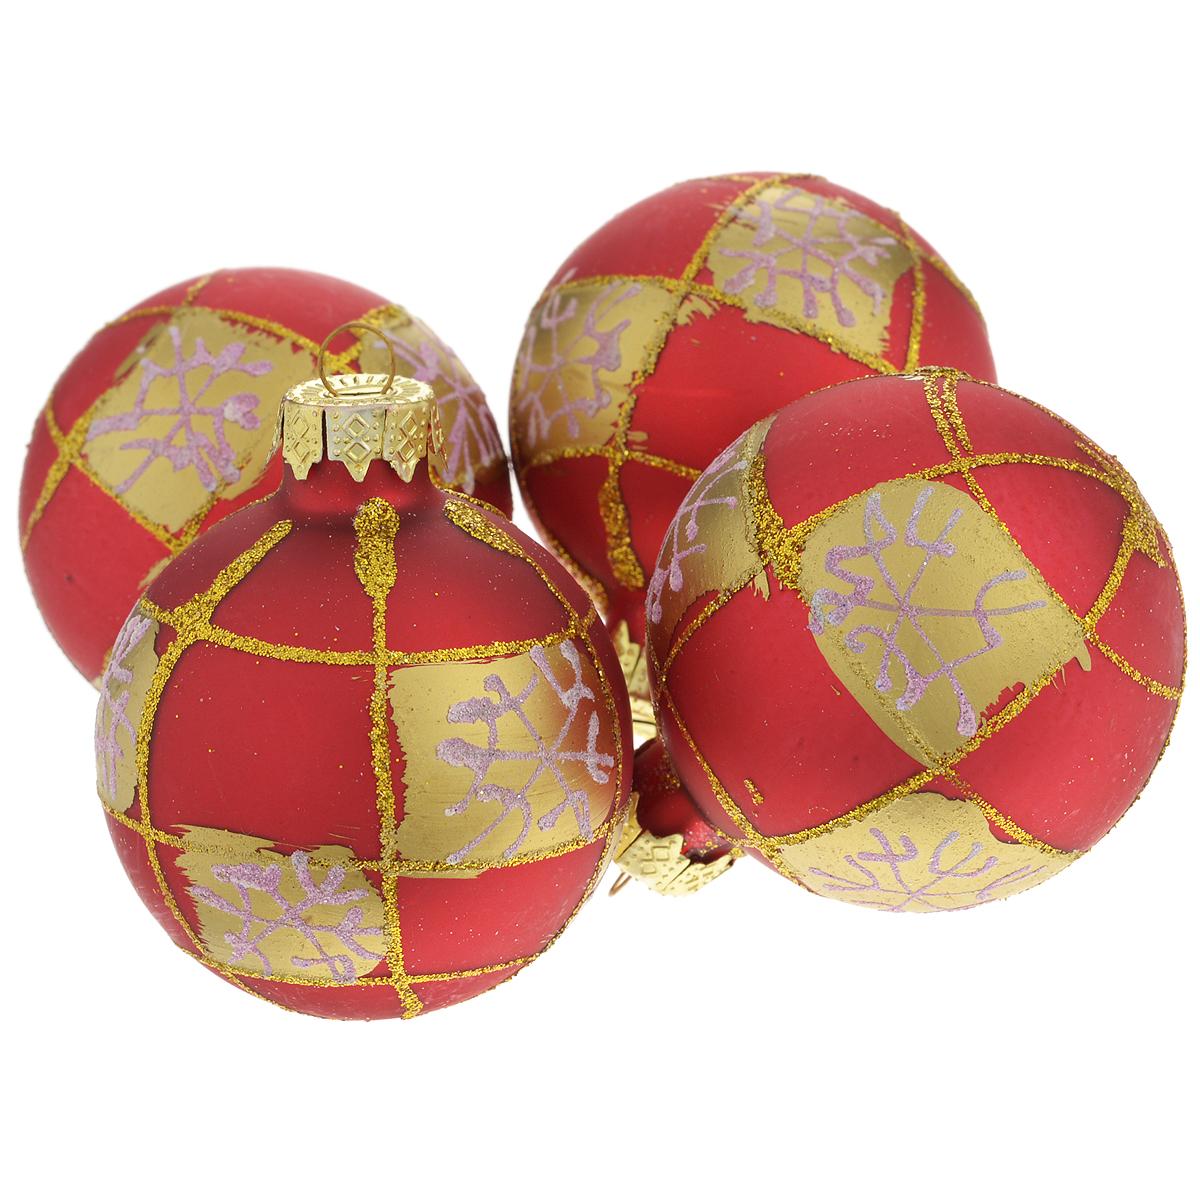 Набор елочных украшений Шар, цвет: красный, желтый, диаметр 6 см, 4 штNN-612-LS-PLНабор новогодних подвесных украшений Шар прекрасно подойдет для праздничного декора новогодней ели. Состоит из четырех шаров.Елочная игрушка - символ Нового года. Она несет в себе волшебство и красоту праздника. Создайте в своем доме атмосферу веселья и радости, украшая новогоднюю елку нарядными игрушками, которые будут из года в год накапливать теплоту воспоминаний. Коллекция декоративных украшений принесет в ваш дом ни с чем несравнимое ощущение волшебства! Откройте для себя удивительный мир сказок и грез. Почувствуйте волшебные минуты ожидания праздника, создайте новогоднее настроение вашим дорогим и близким.